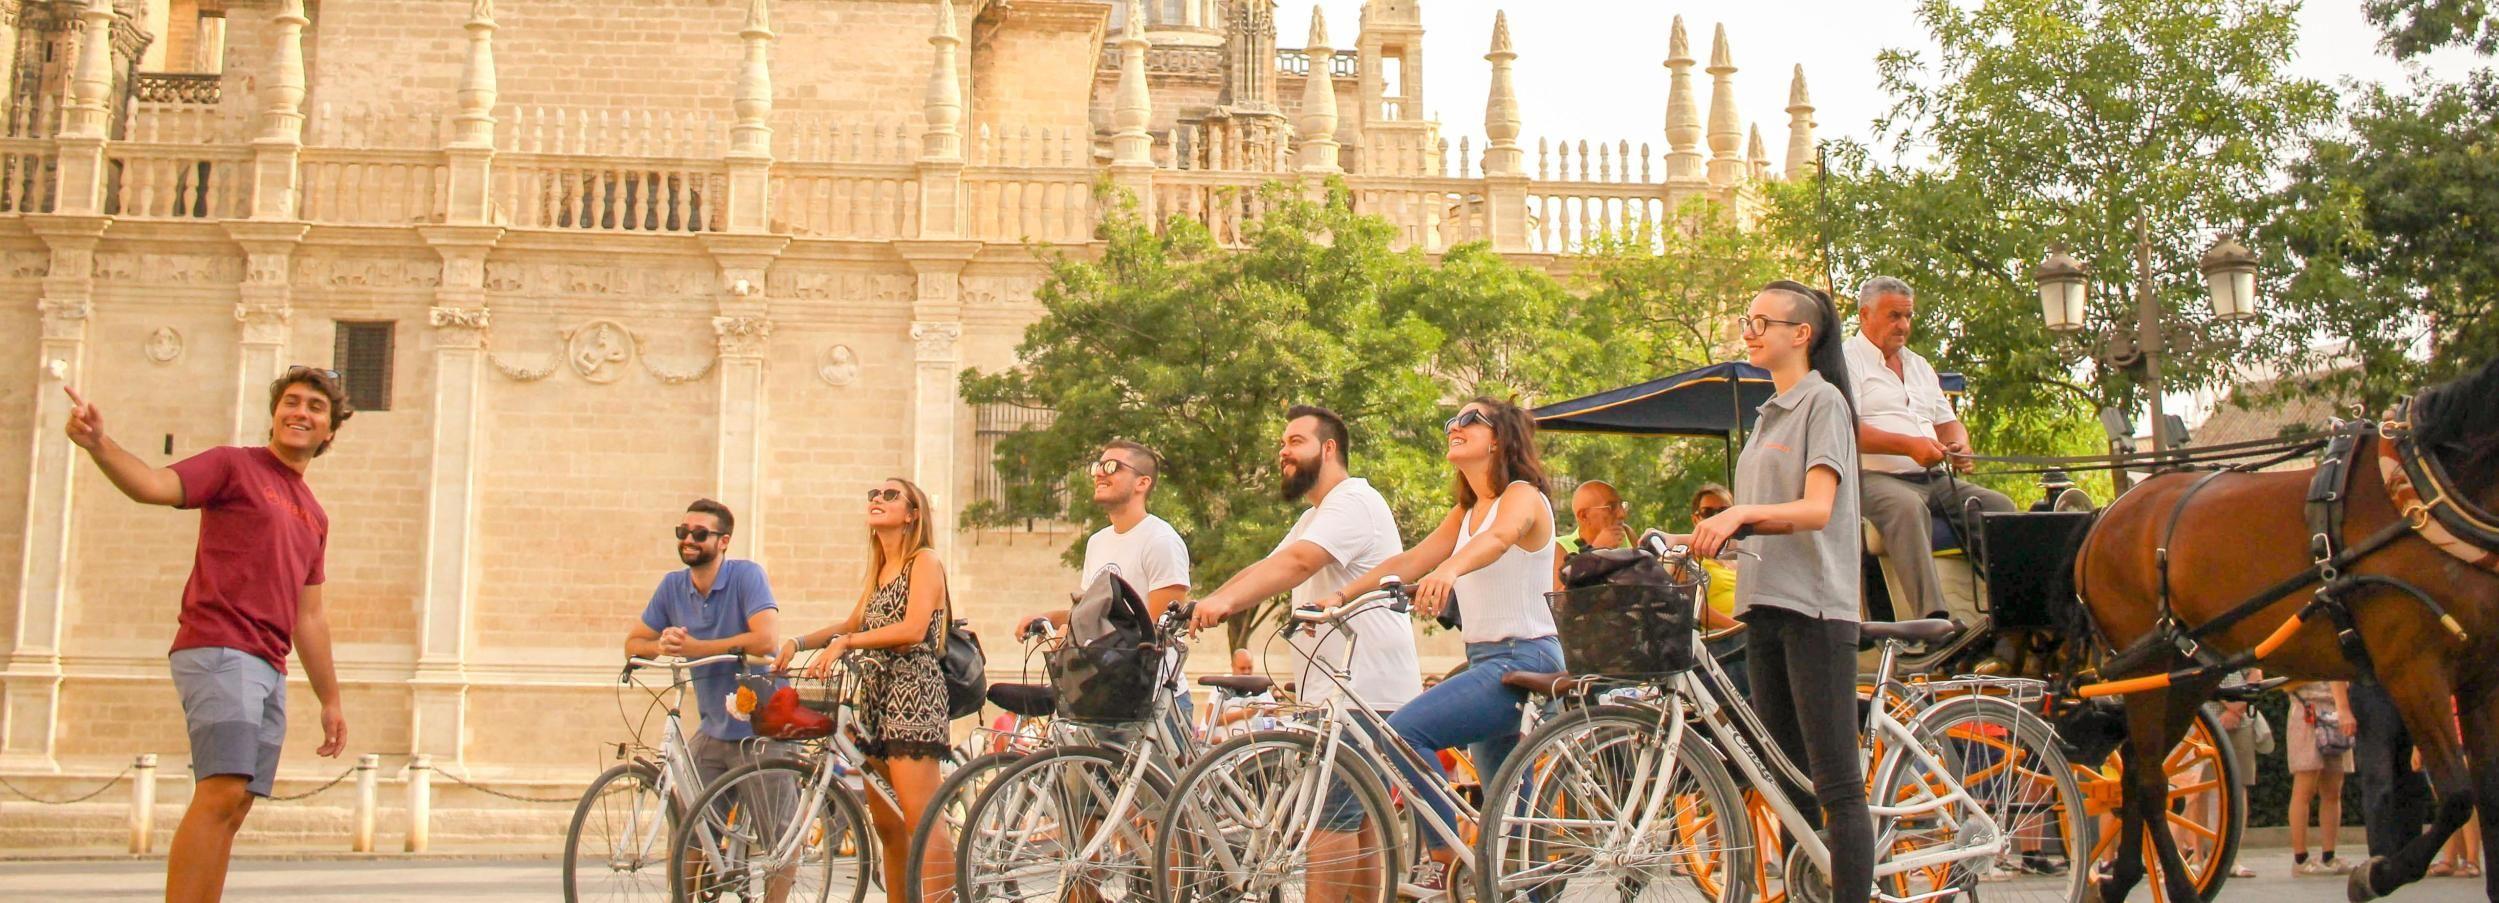 Séville: 3 heures historique Bike Tour